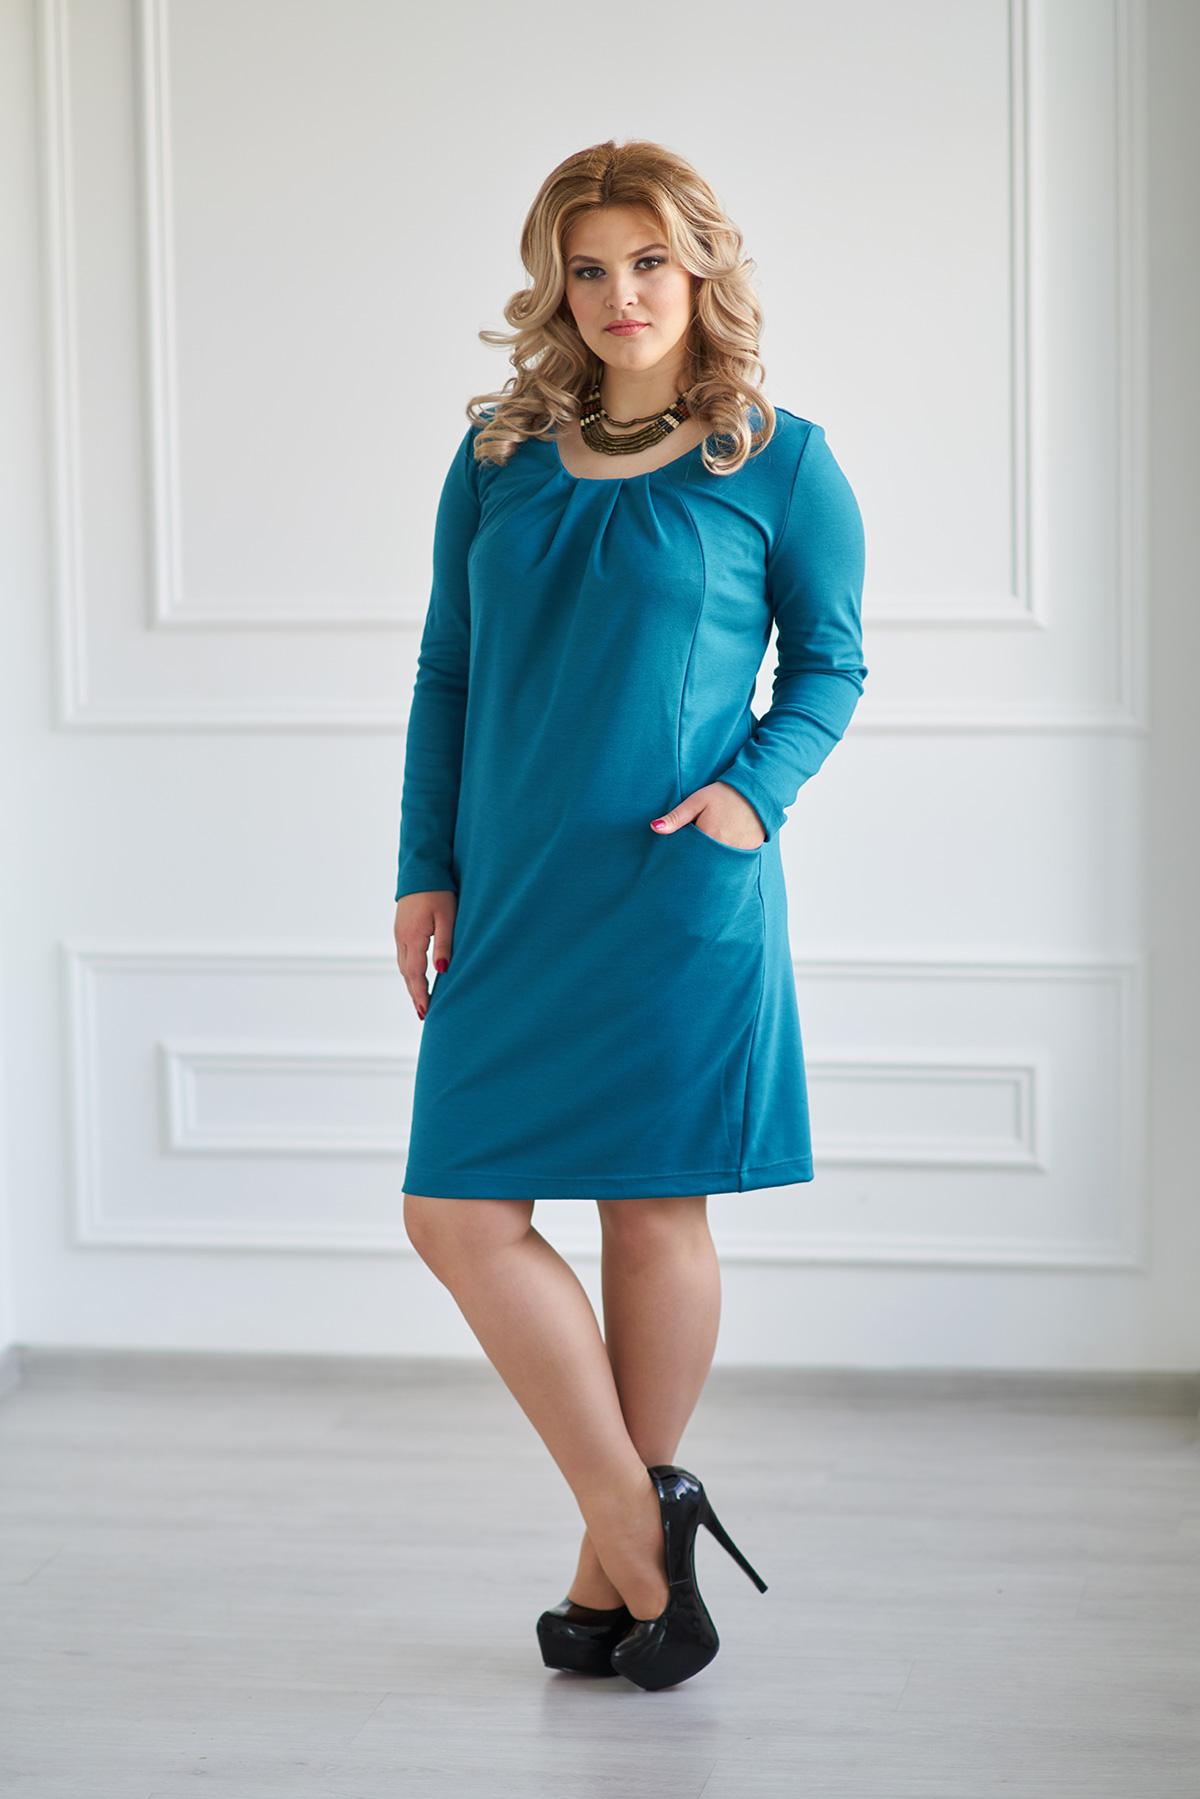 Жен. платье арт. 19-0005 Темно-изумрудный р. 48Платья<br>Факт. ОГ: 100 см <br>Факт. ОТ: 100 см <br>Факт. ОБ: 104 см <br>Длина рукава: 56 см <br>Длина по спинке: 93 см<br><br>Тип: Жен. платье<br>Размер: 48<br>Материал: Милано